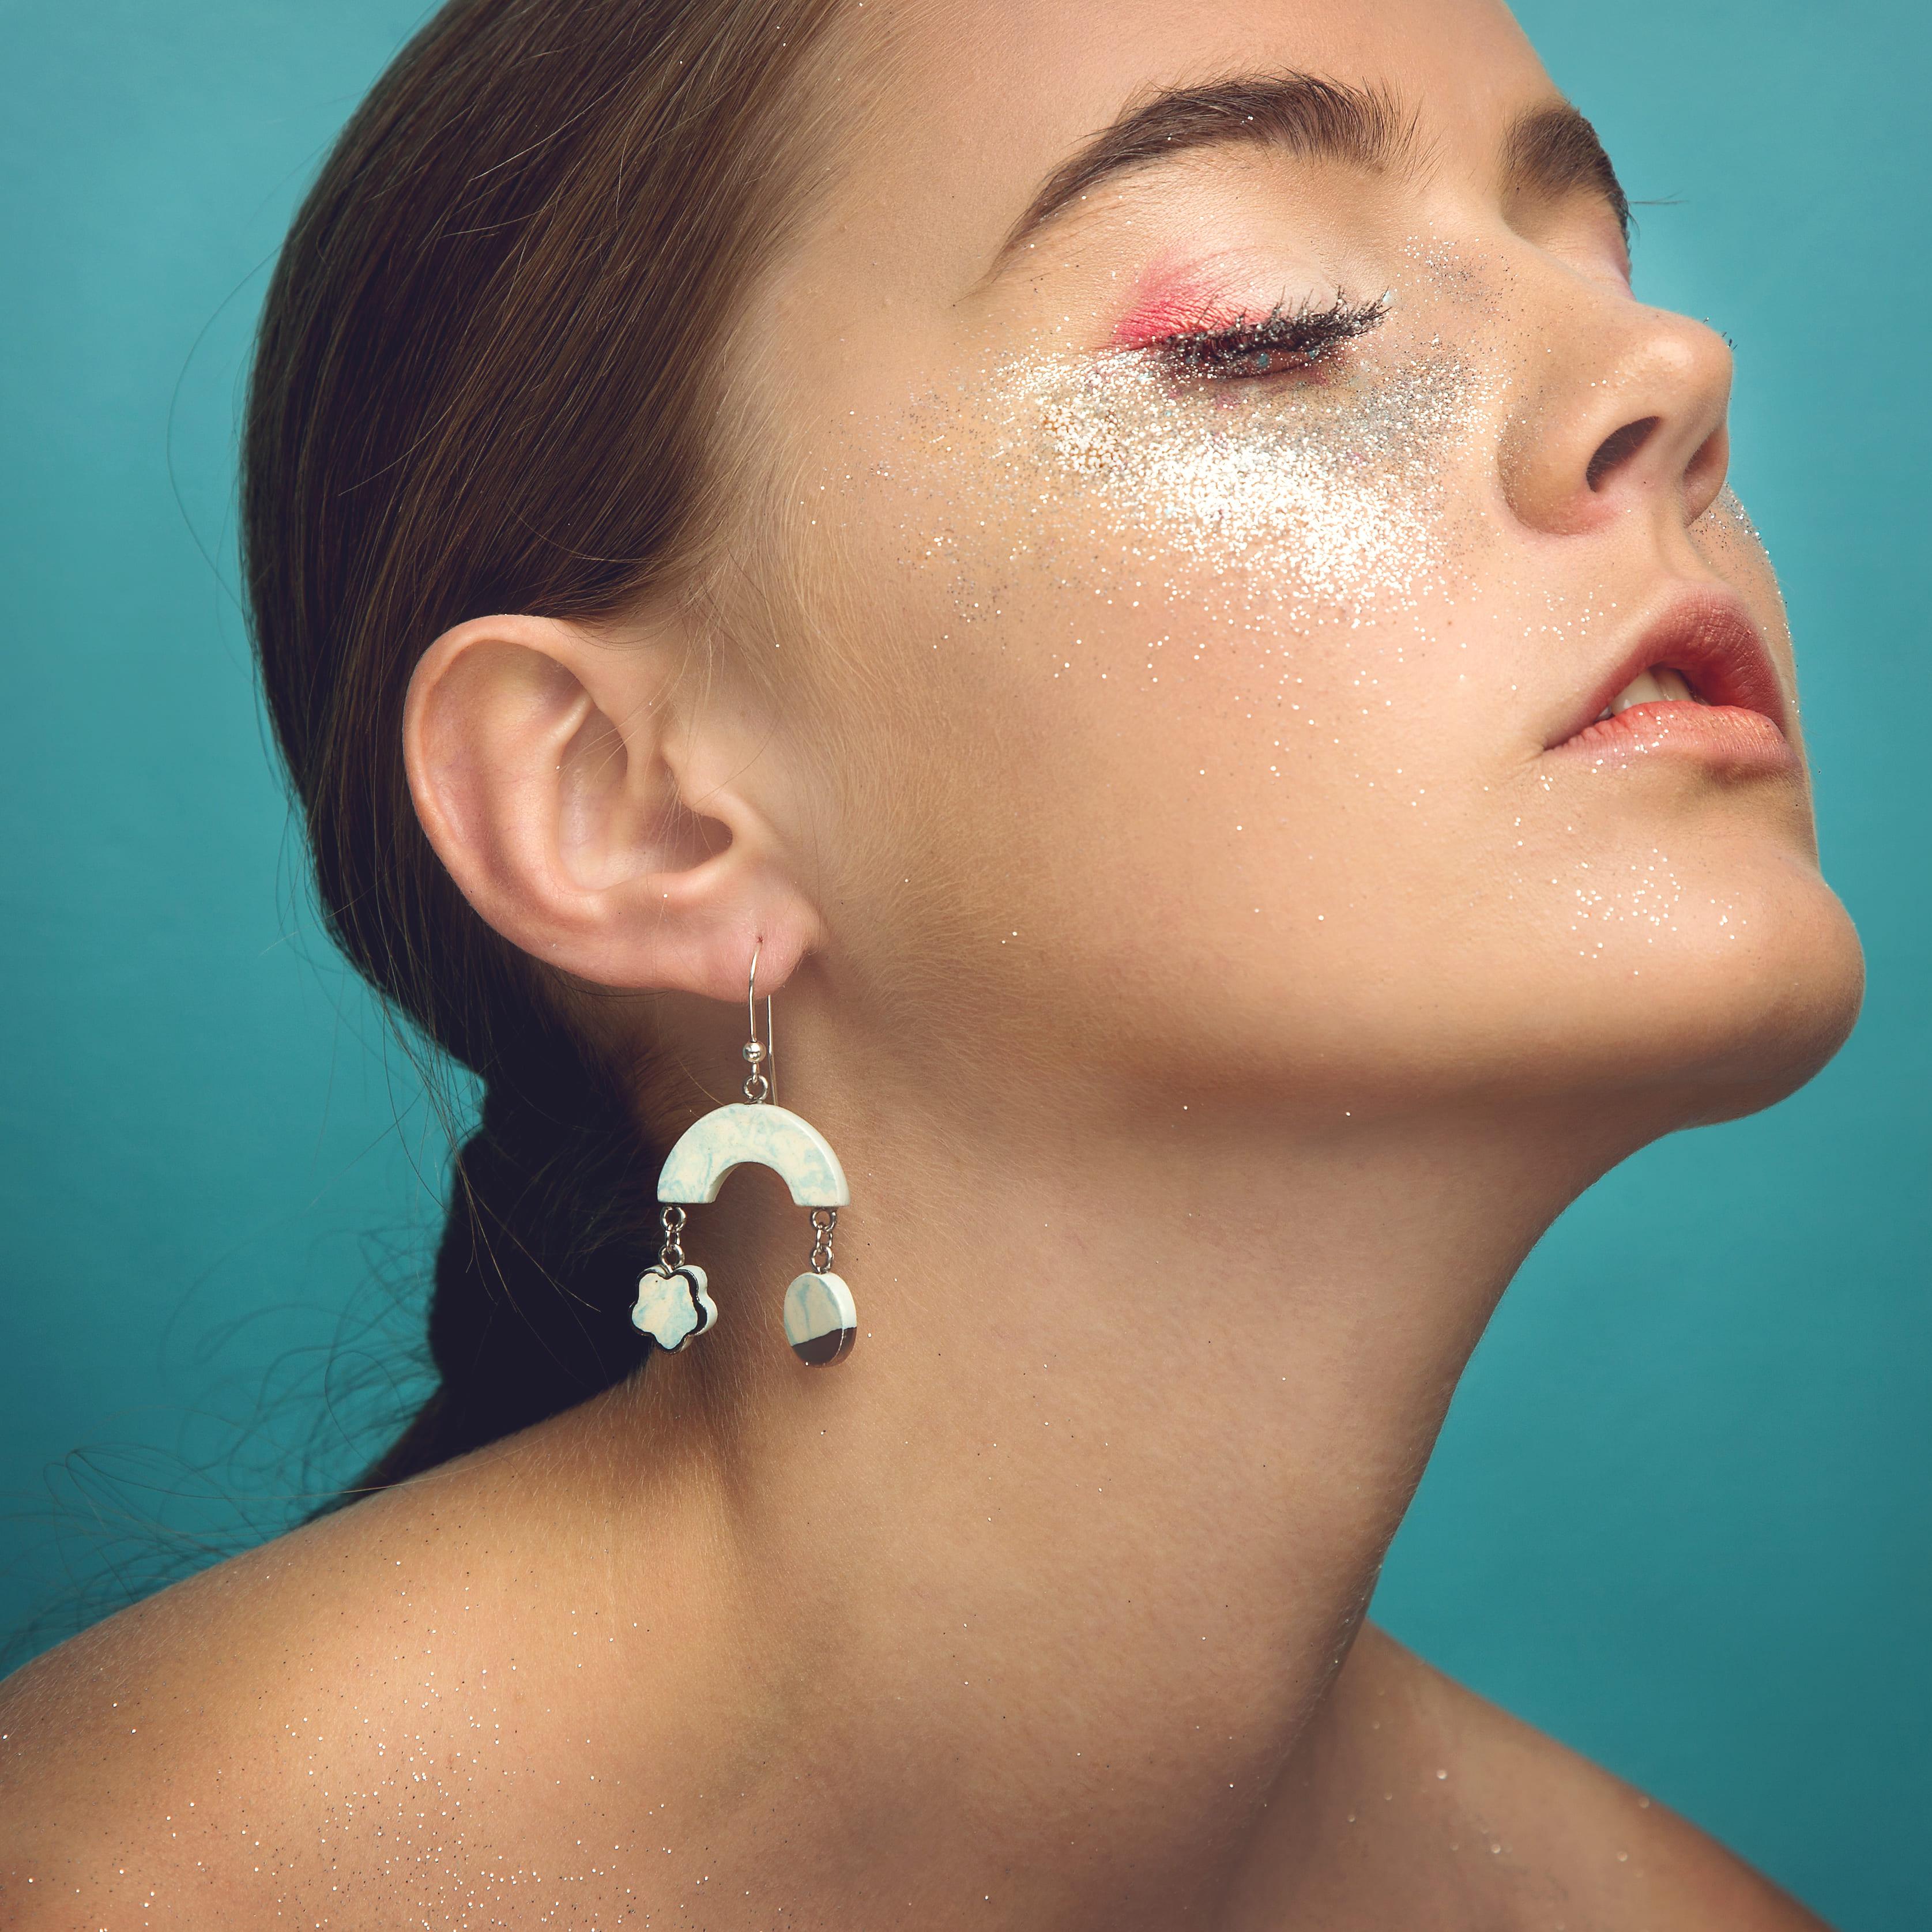 Para uma maquiagem com glitter mais elaborada, esta é uma boa opção.